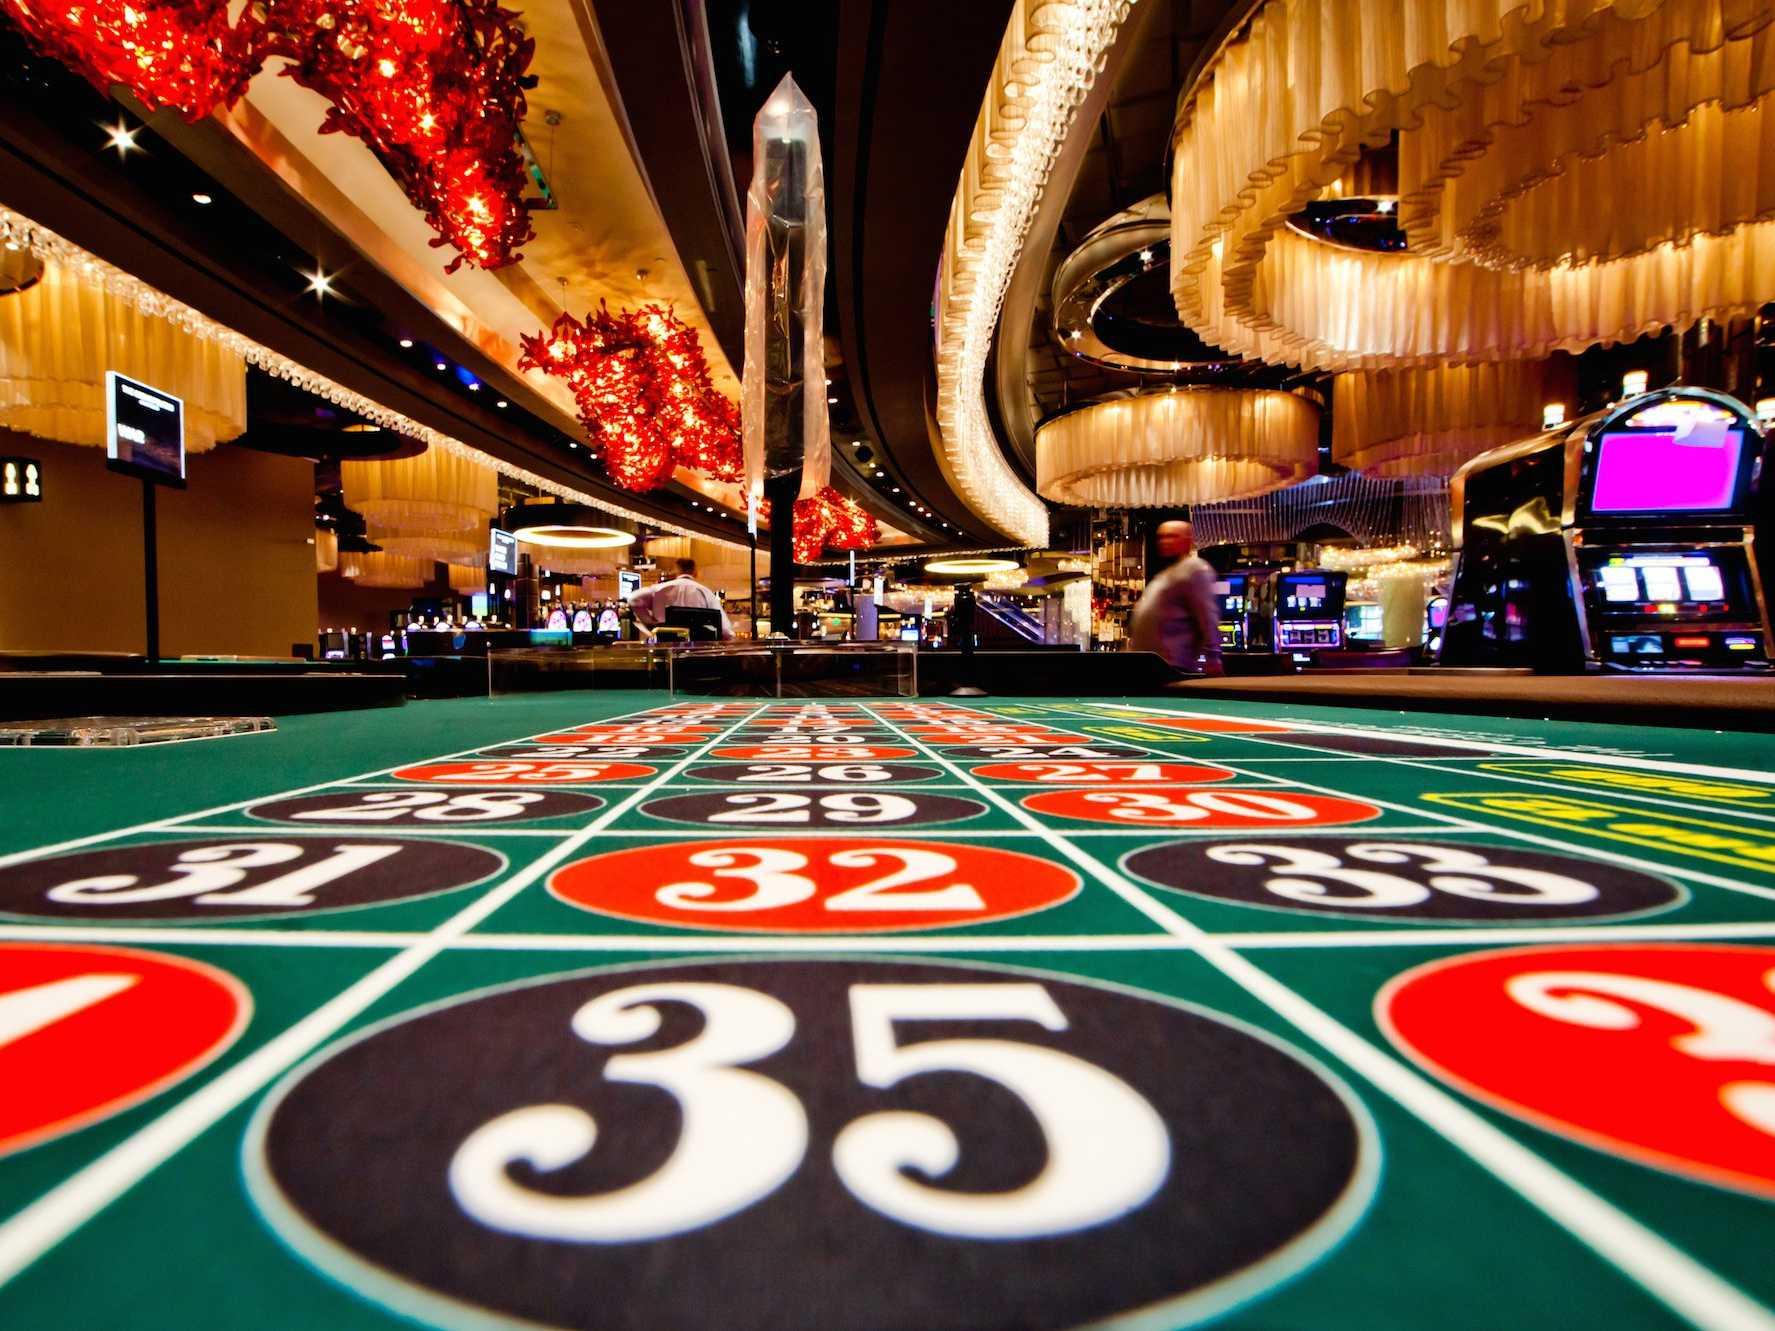 Jeux casino: laissez-vous guider